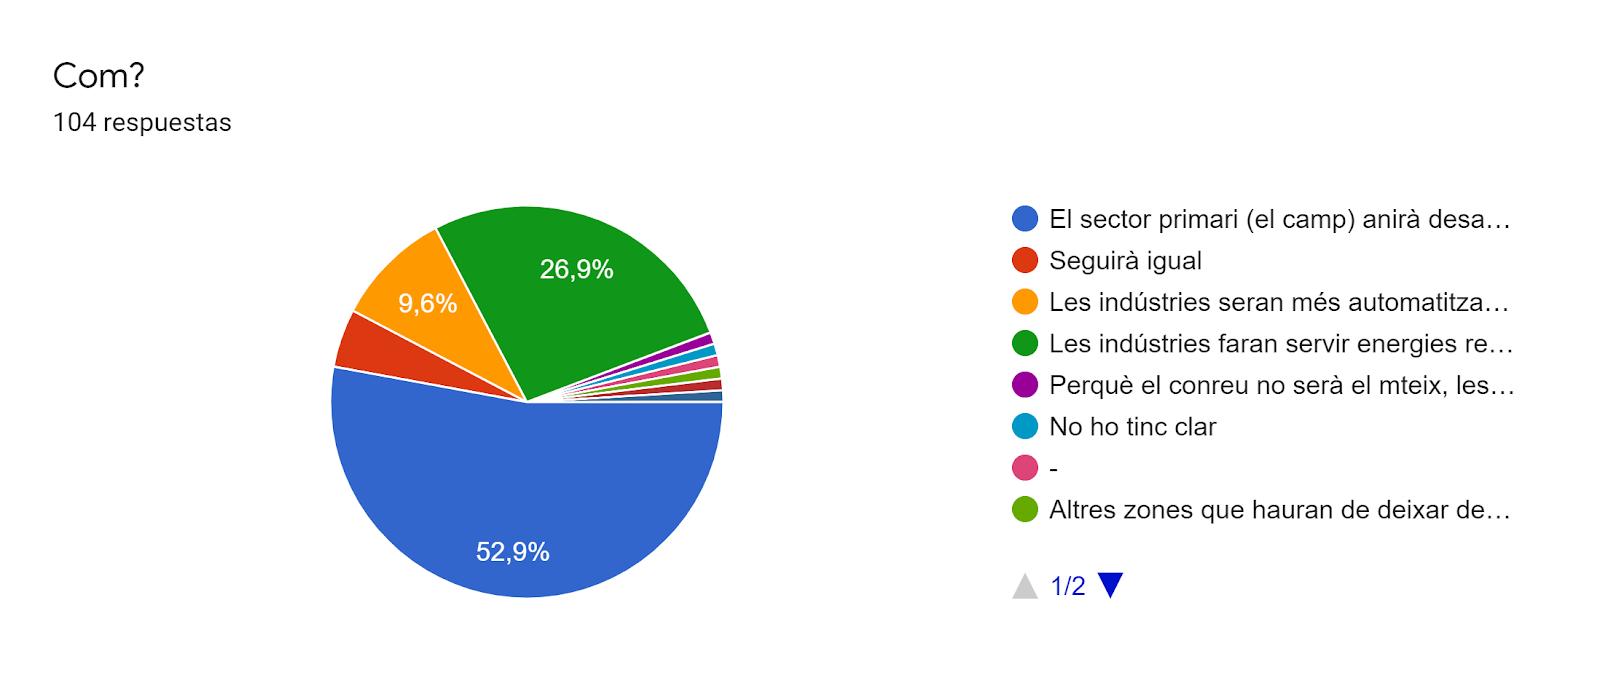 Gráfico de respuestas de formularios. Título de la pregunta:Com?. Número de respuestas:104 respuestas.